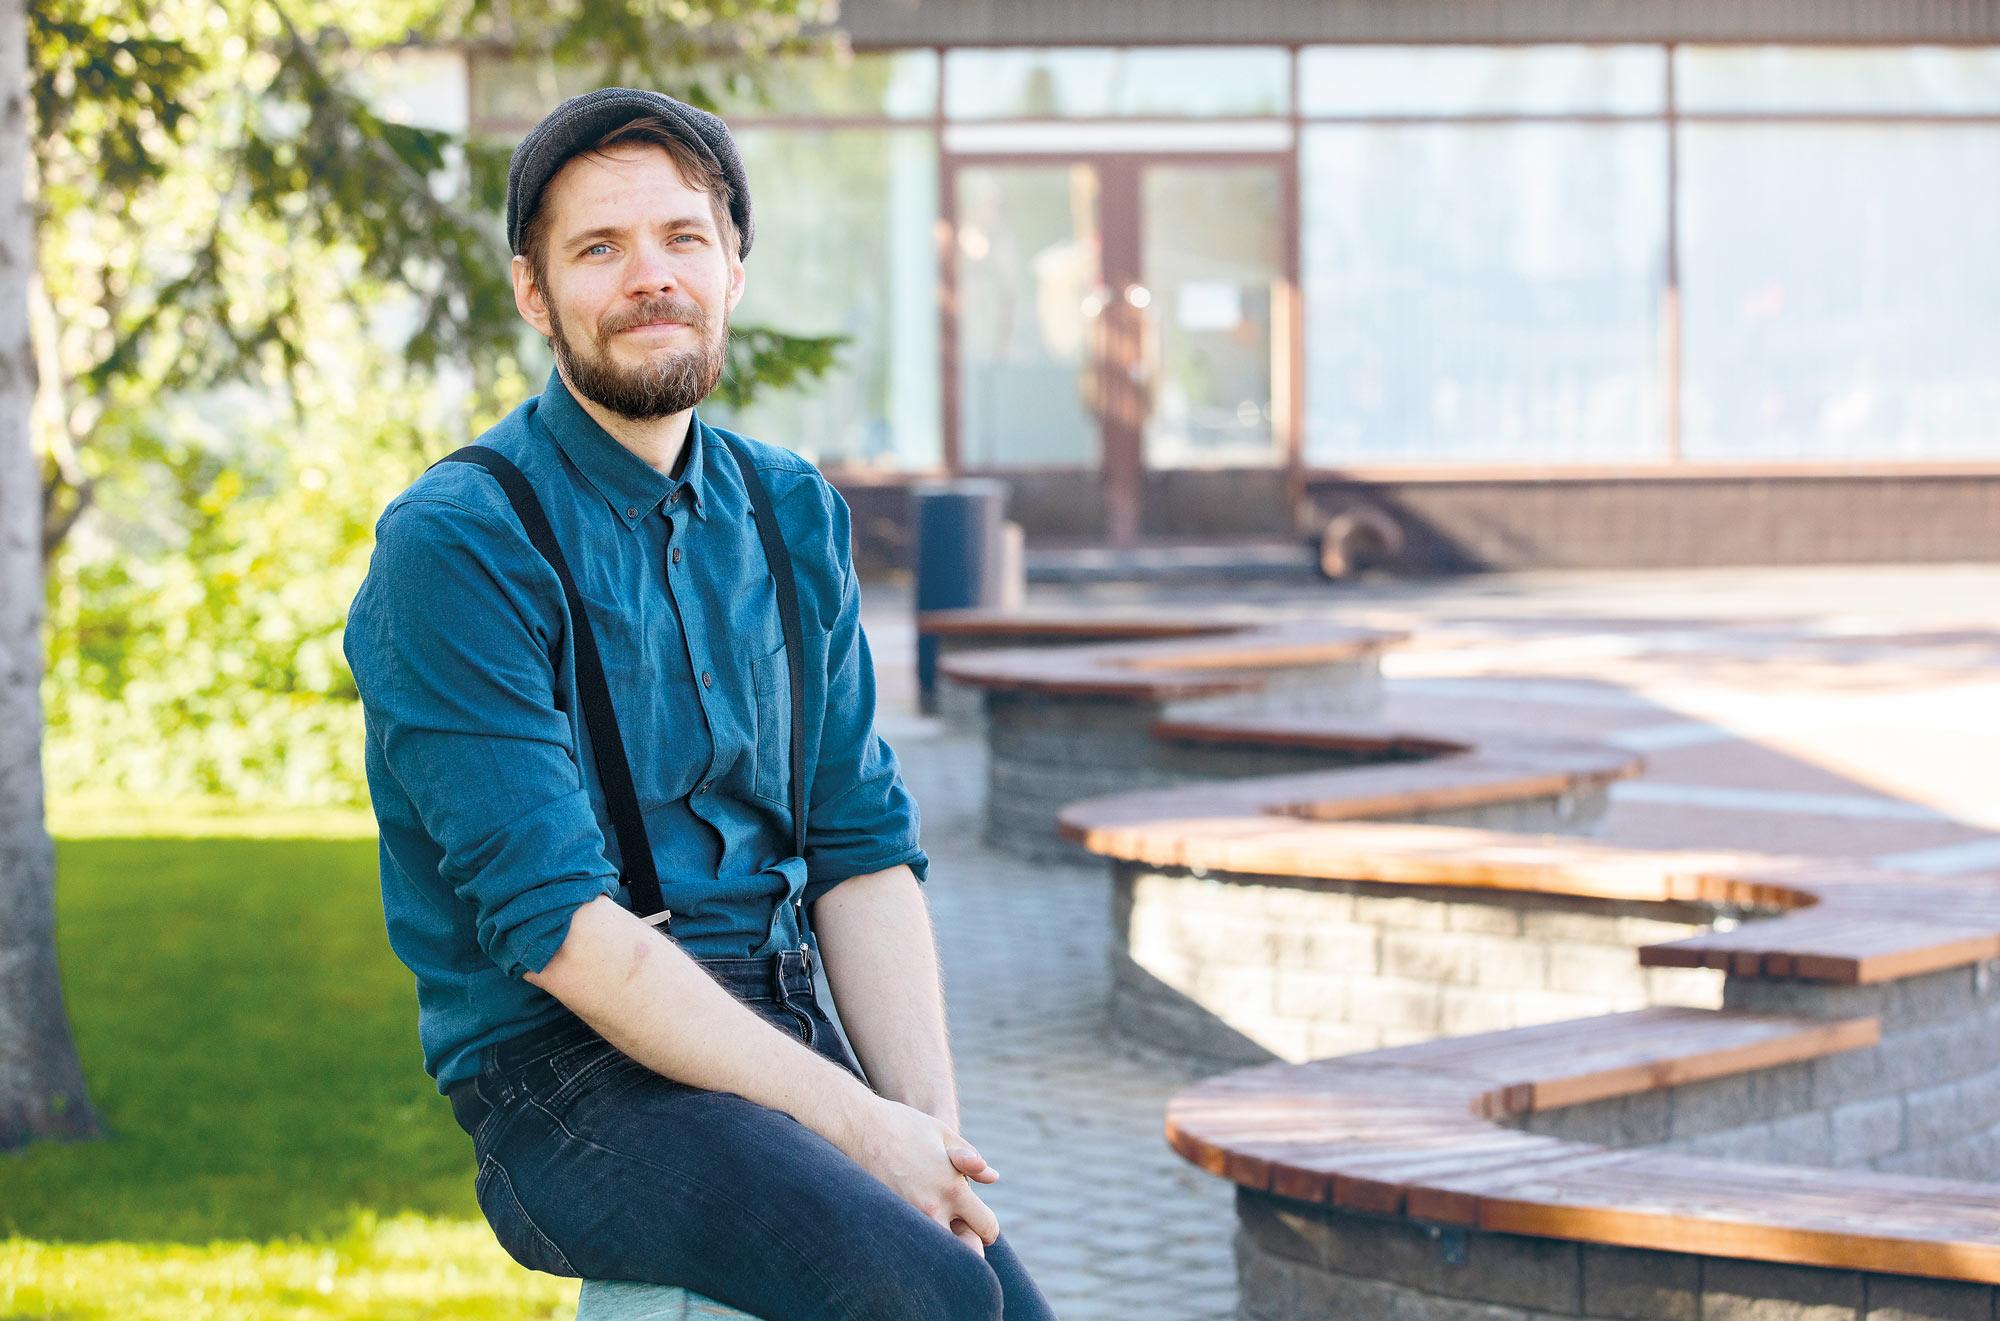 Antti Hintsa on yksi Taideyliopiston toteuttamasta Taidealan ammattilaiset koronan kourissa (Takooko) -kyselyyn vastanneista eteläpohjalaisista ammattitaiteilijoista.